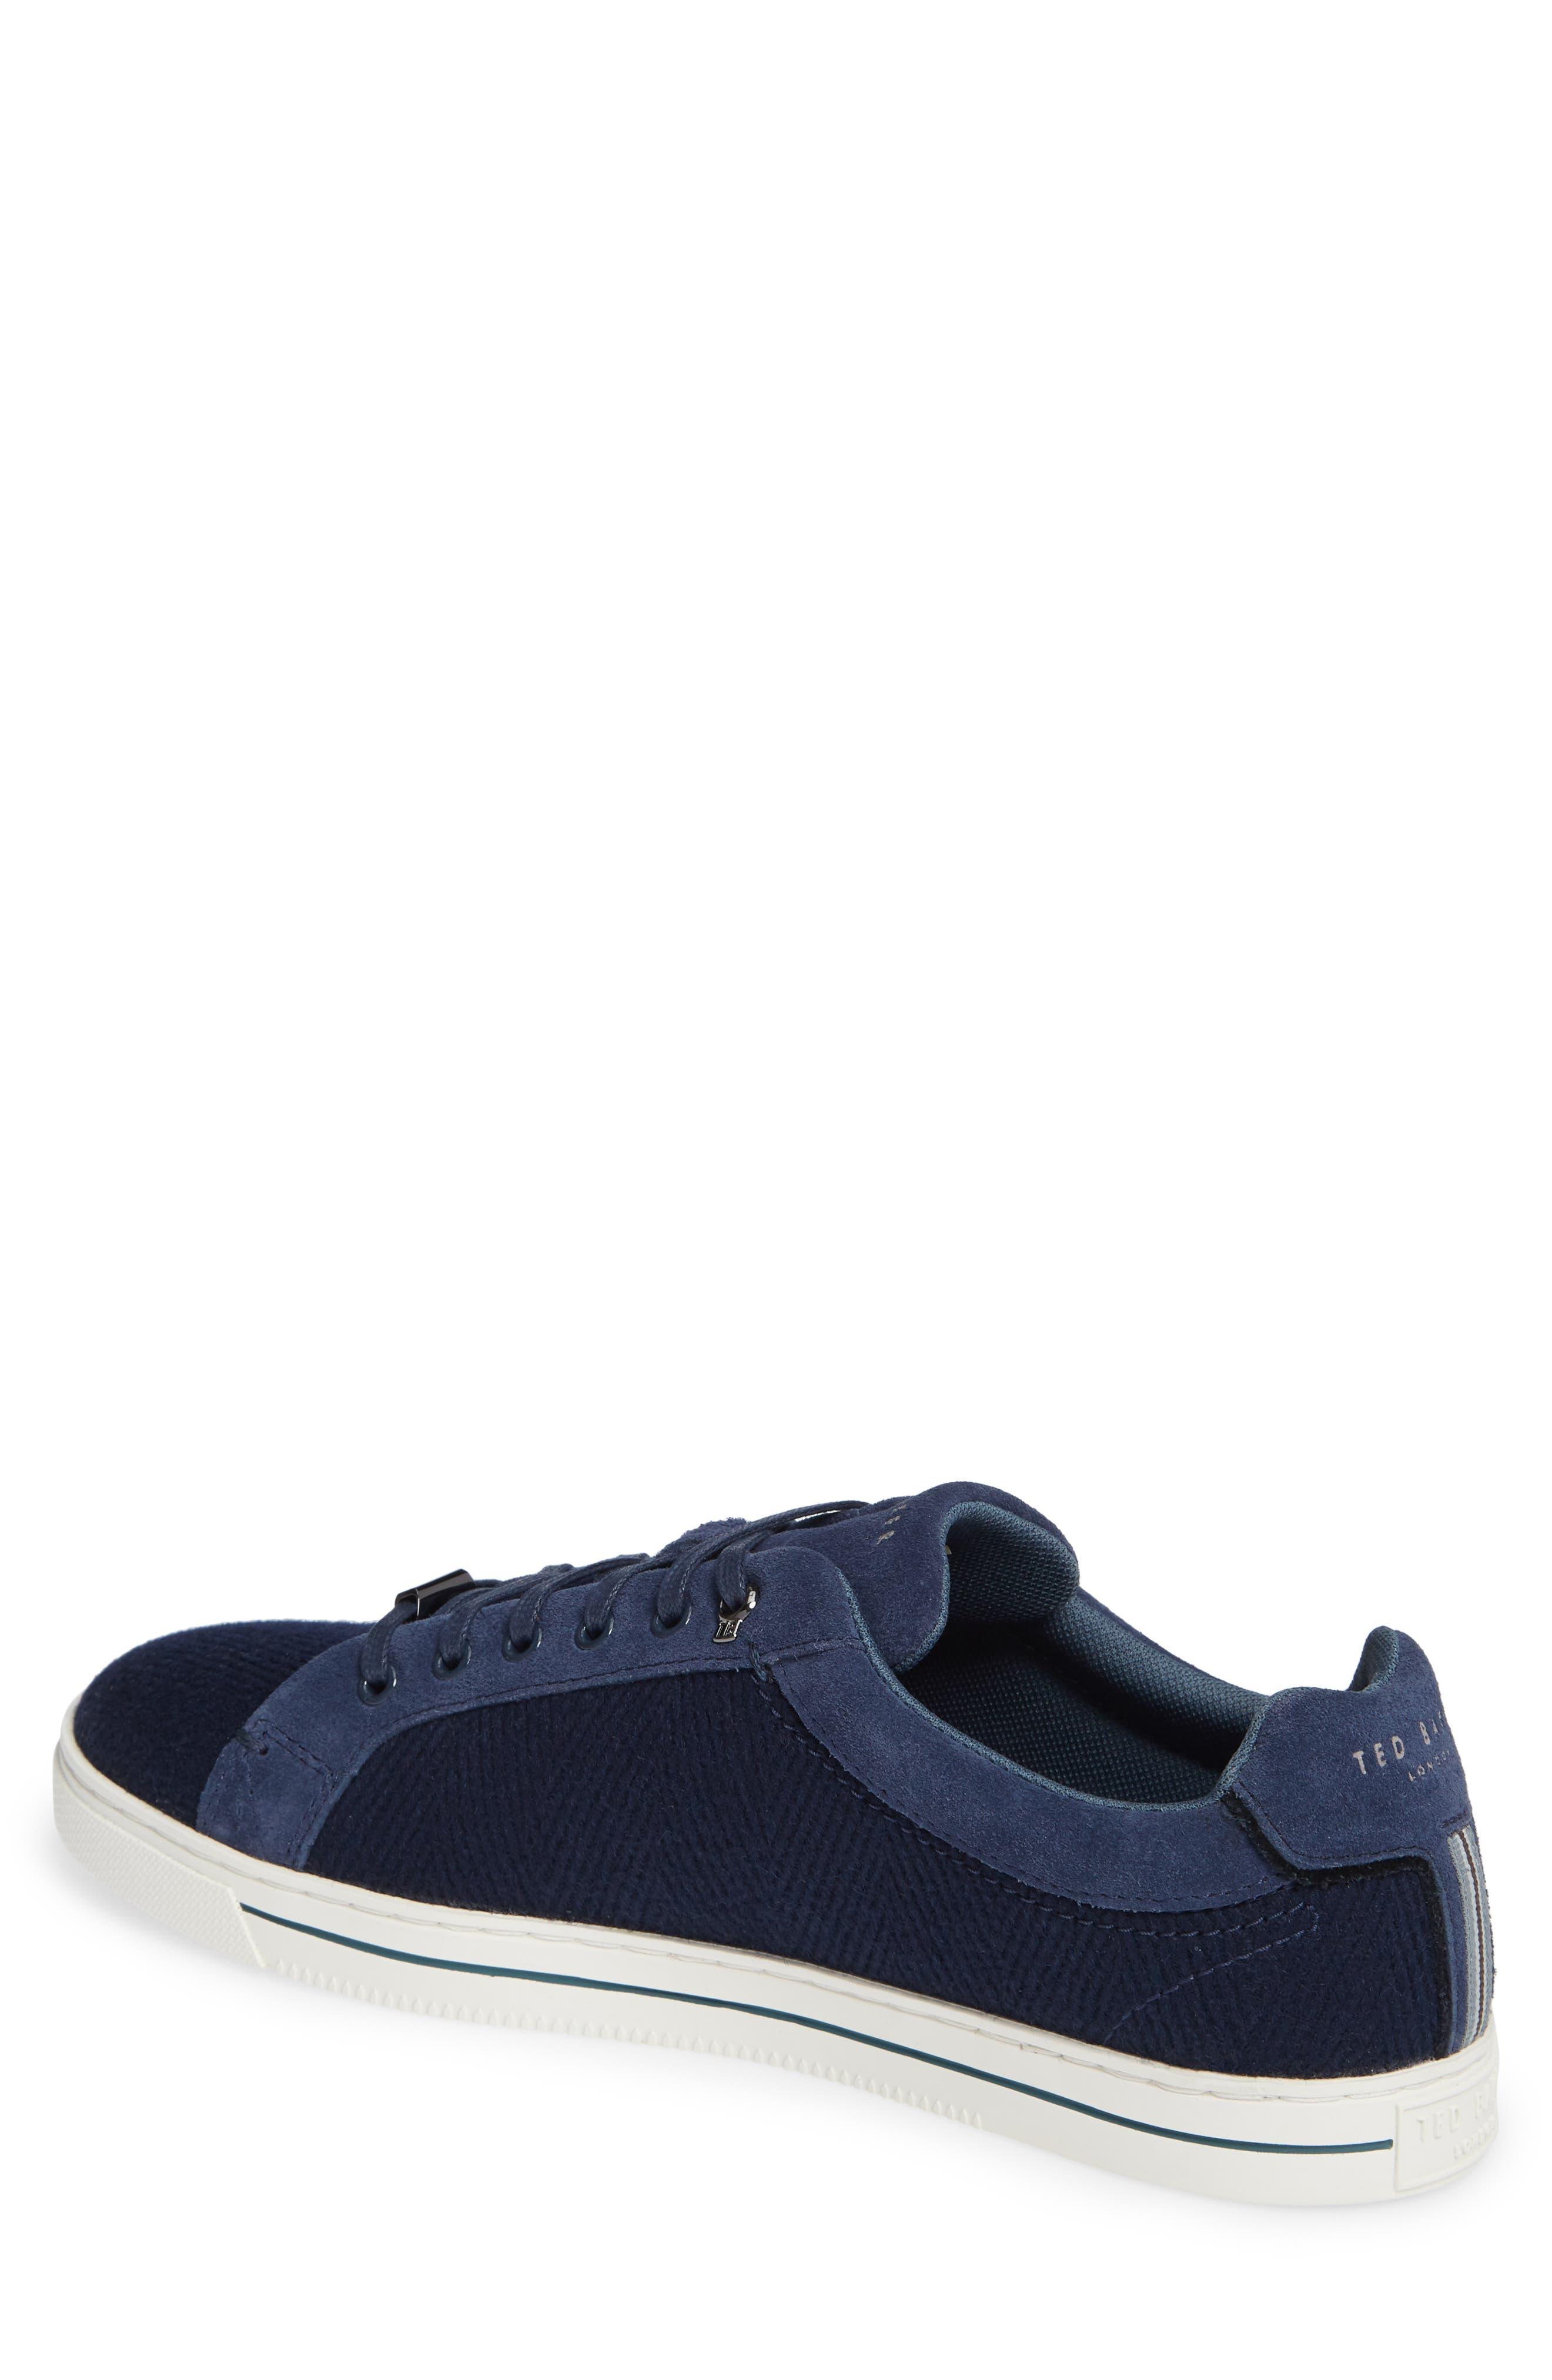 TED BAKER LONDON, Werill Sneaker, Alternate thumbnail 2, color, DARK BLUE WOOL